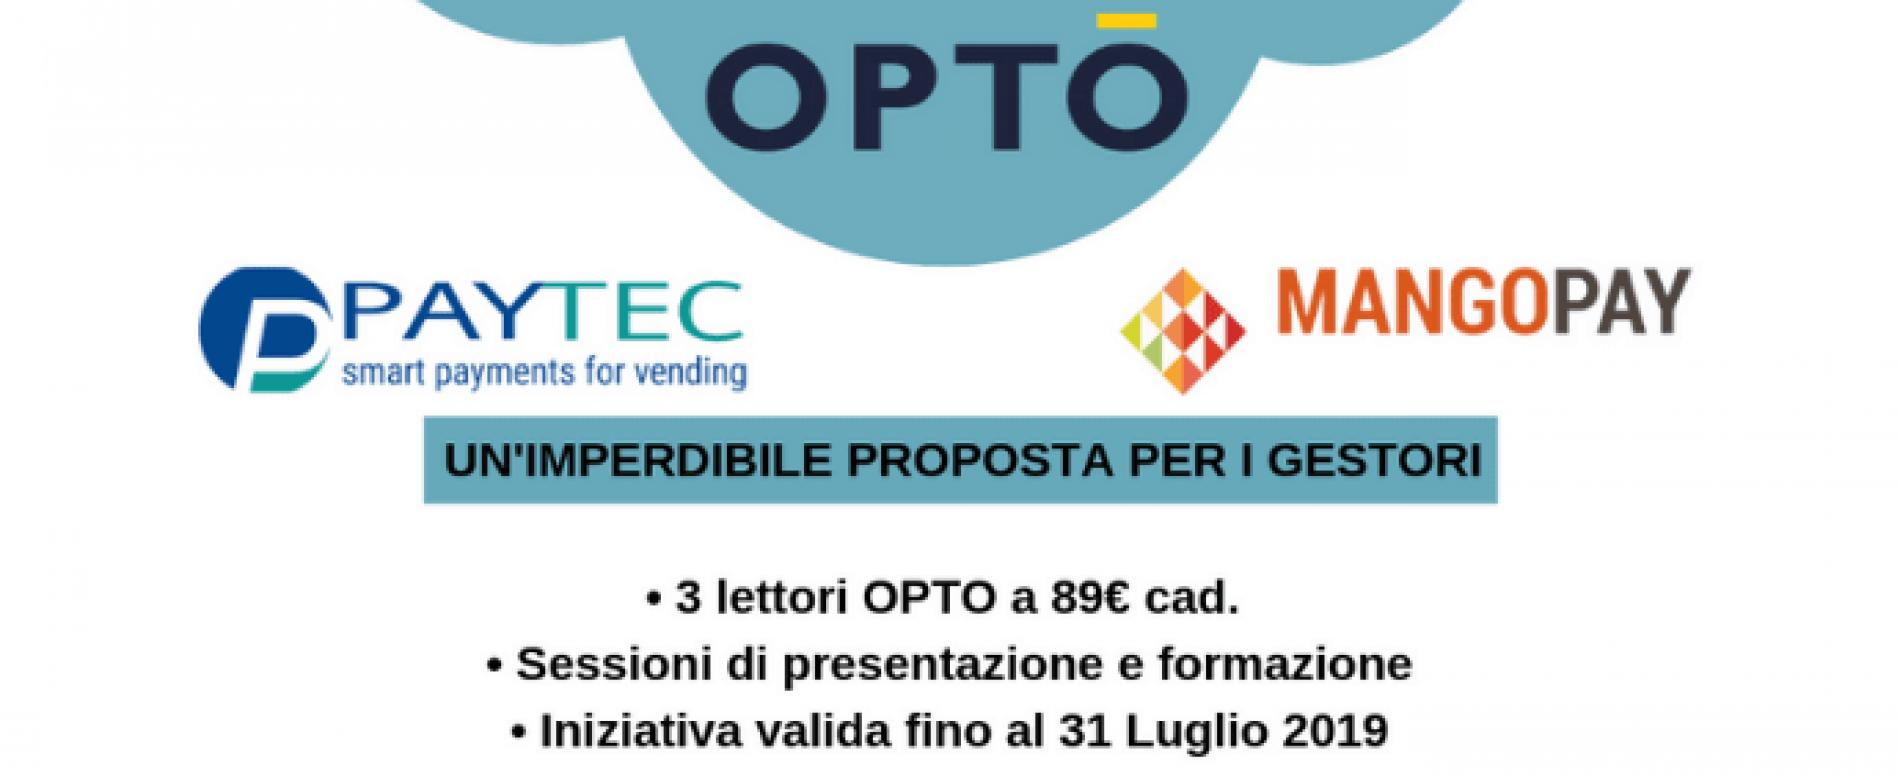 Due nuove tappe per presentare l'offerta OPTO di Paytec e Mangopay